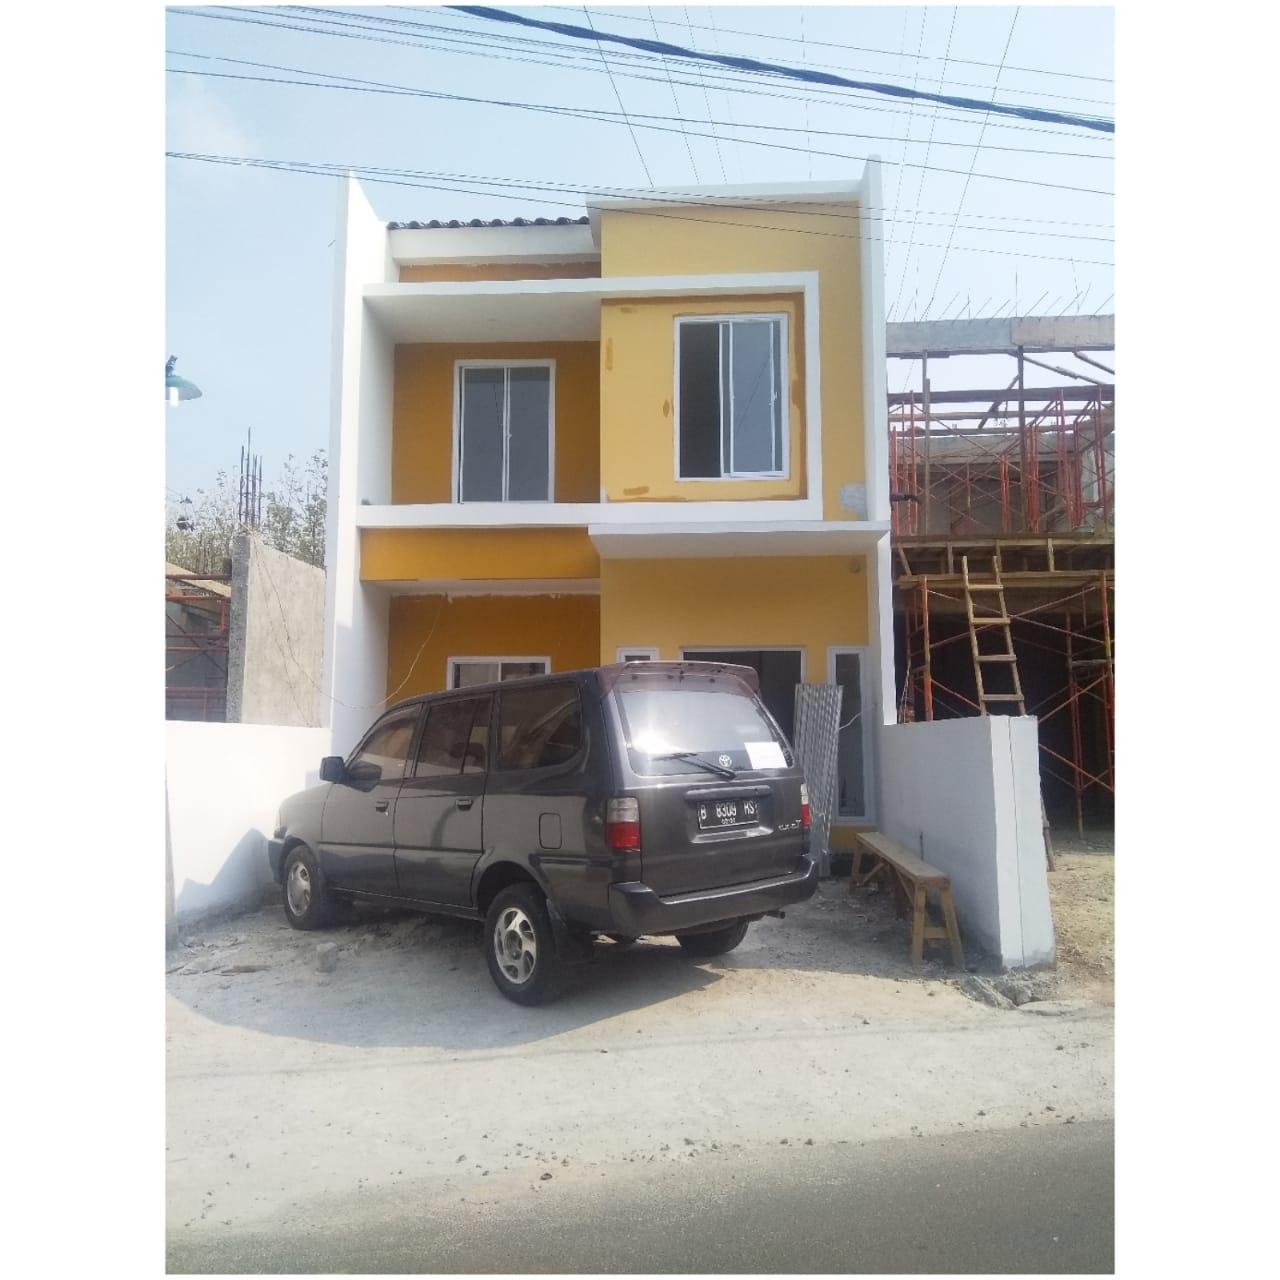 Rumah Idaman dekat Komplek Deplu Bintaro Tangerang Selatan